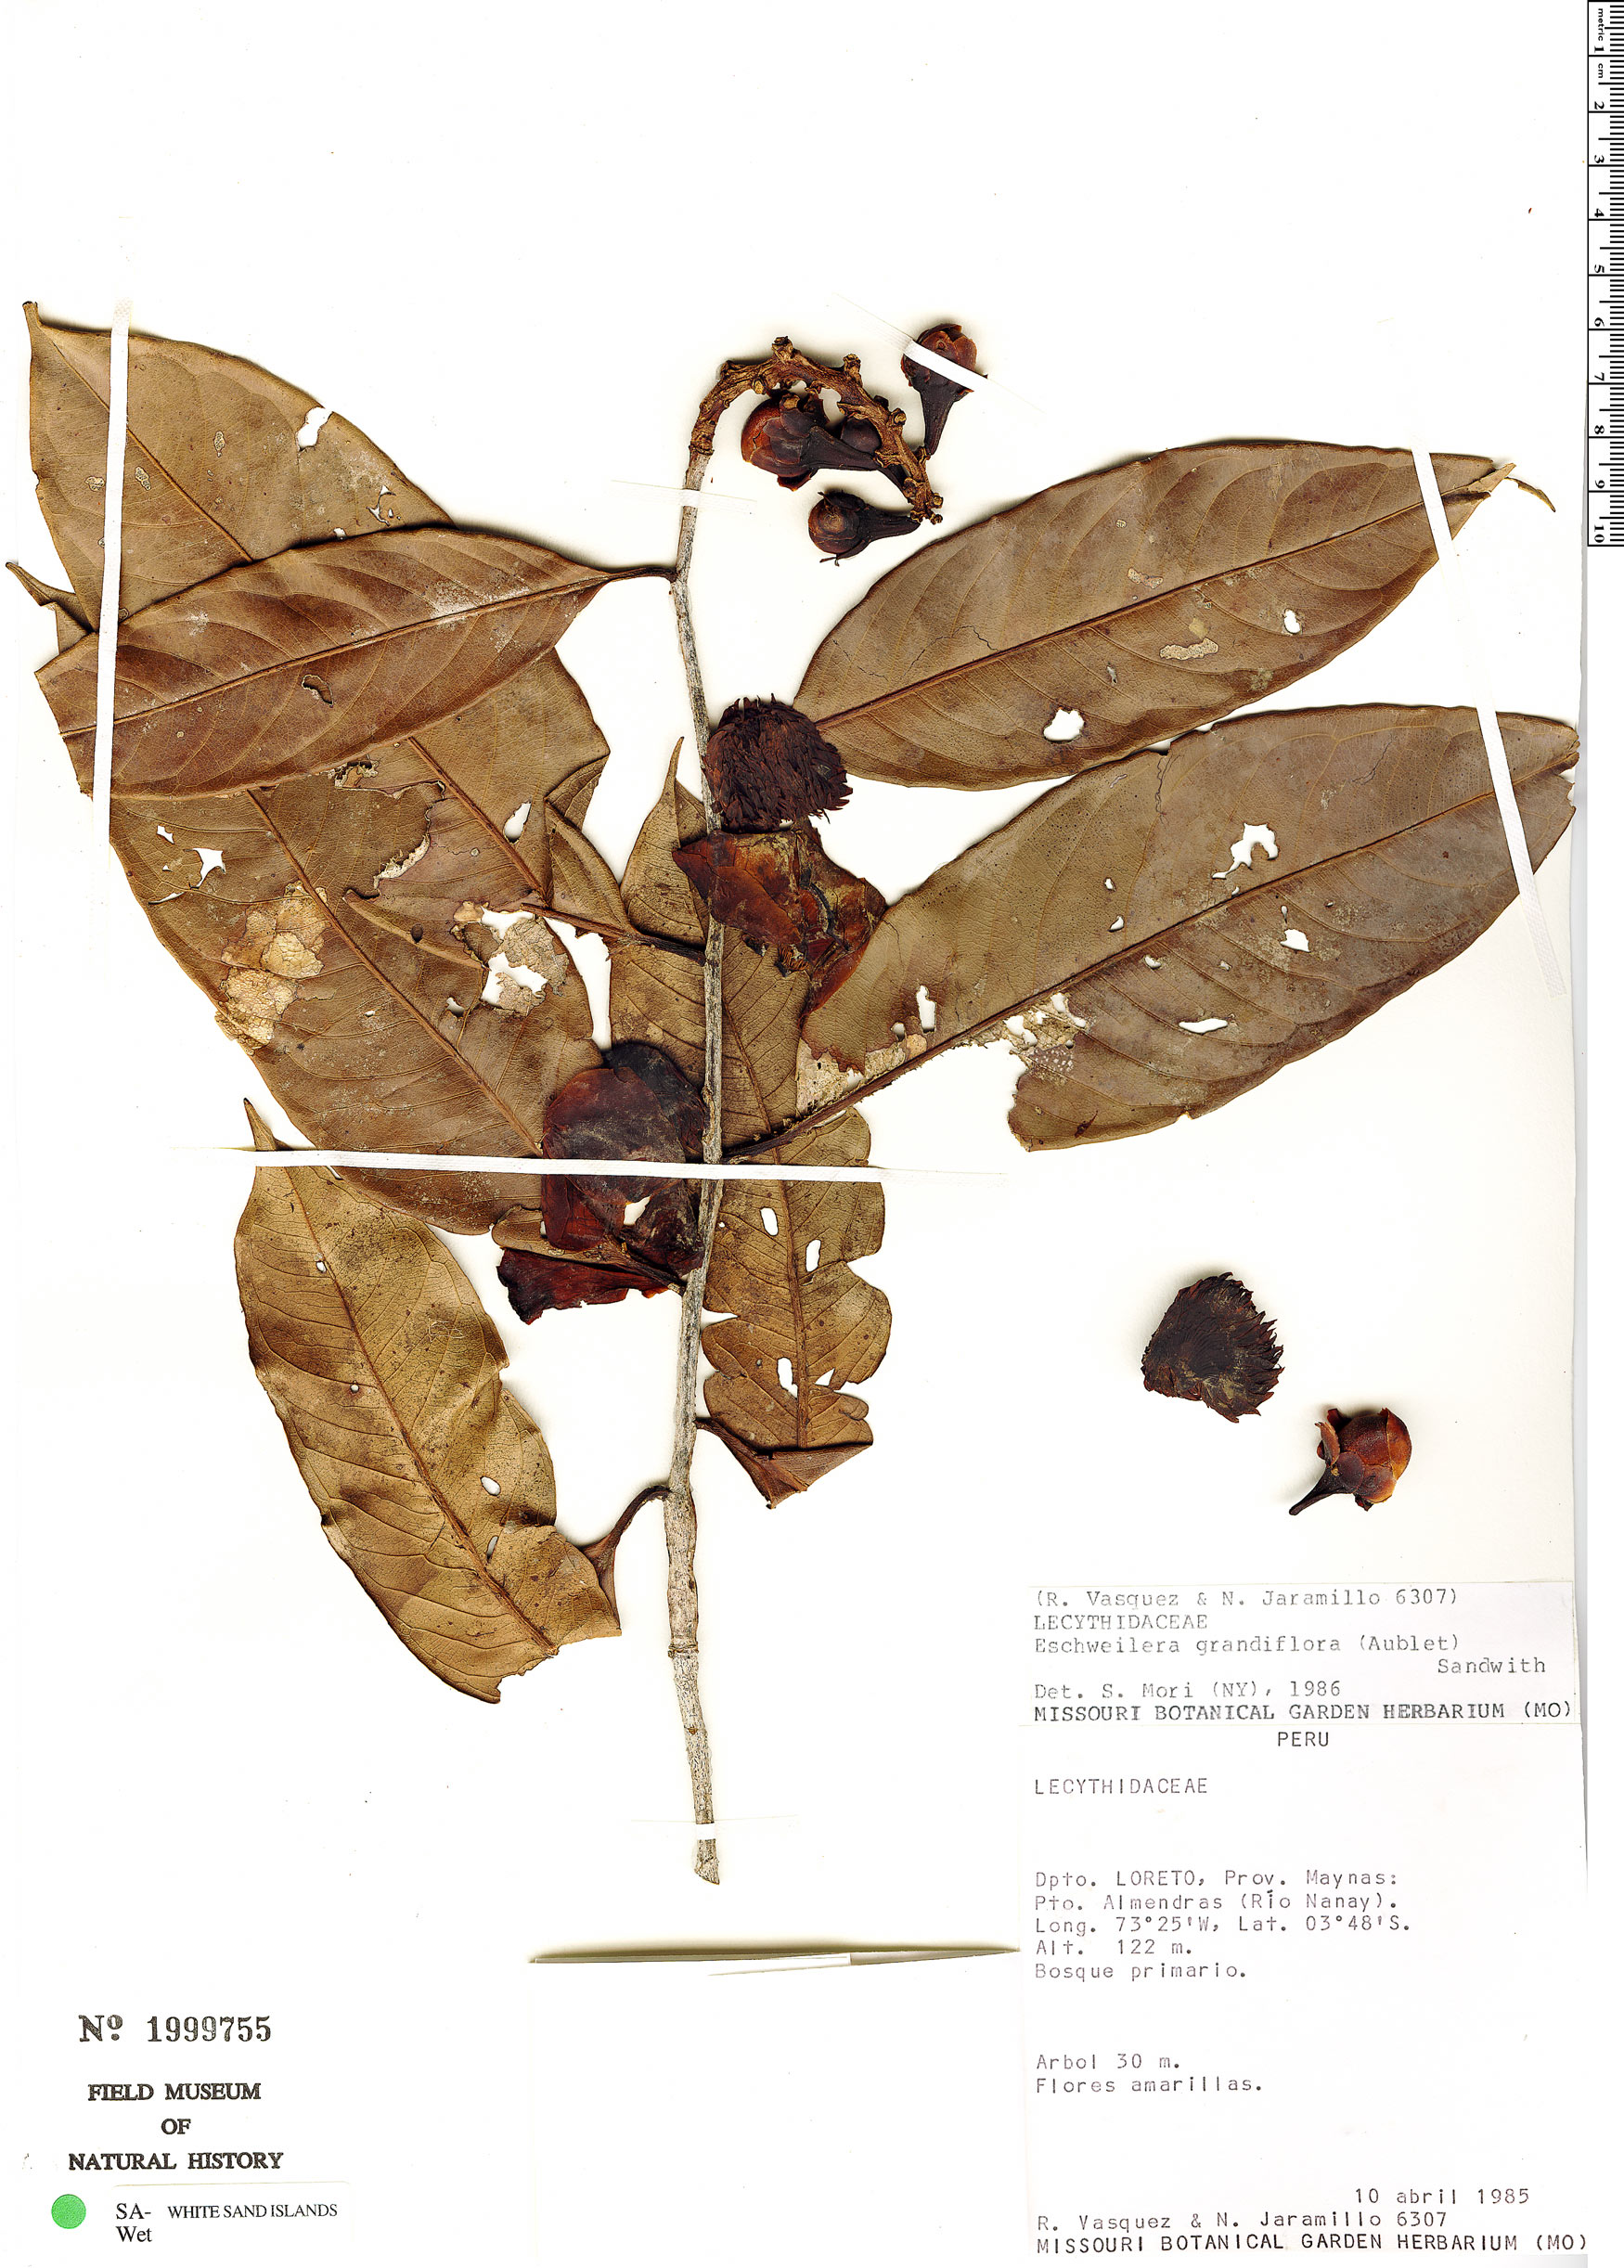 Specimen: Eschweilera grandiflora